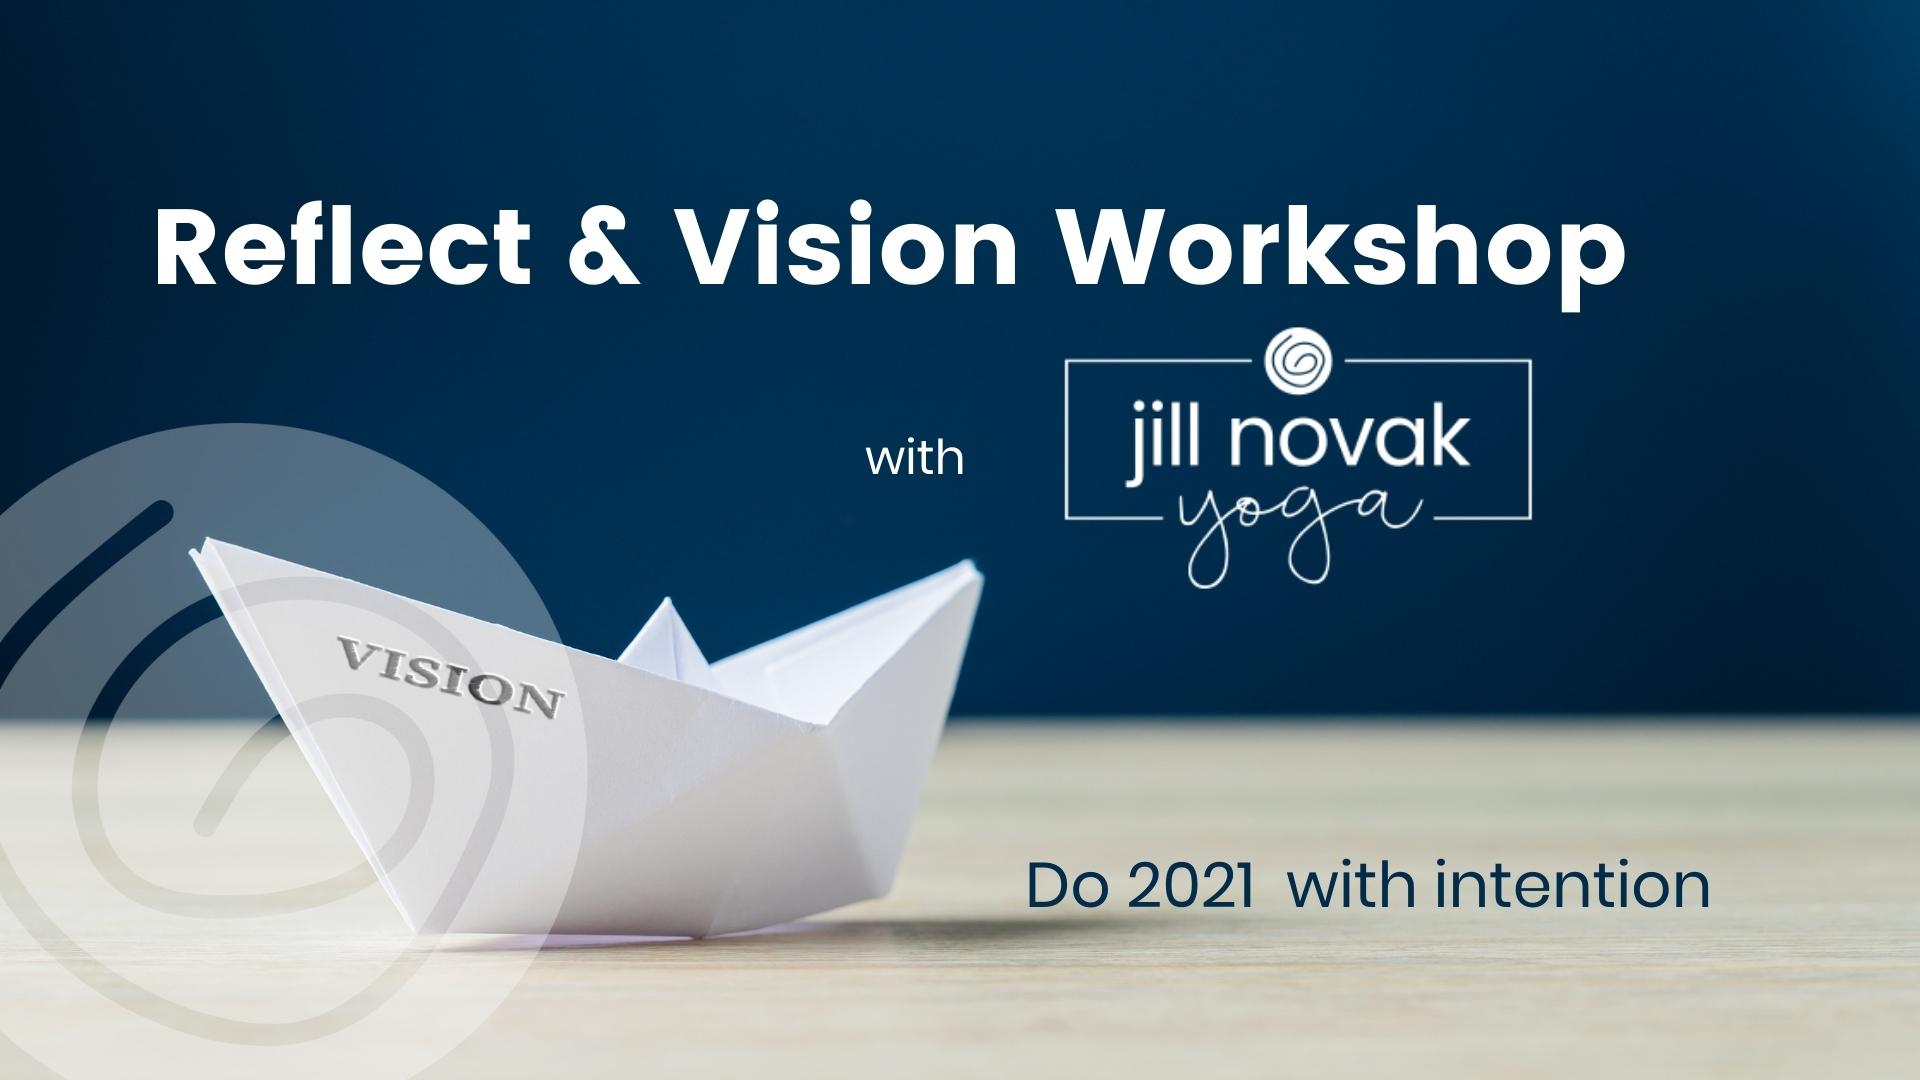 reflect & vision workshop